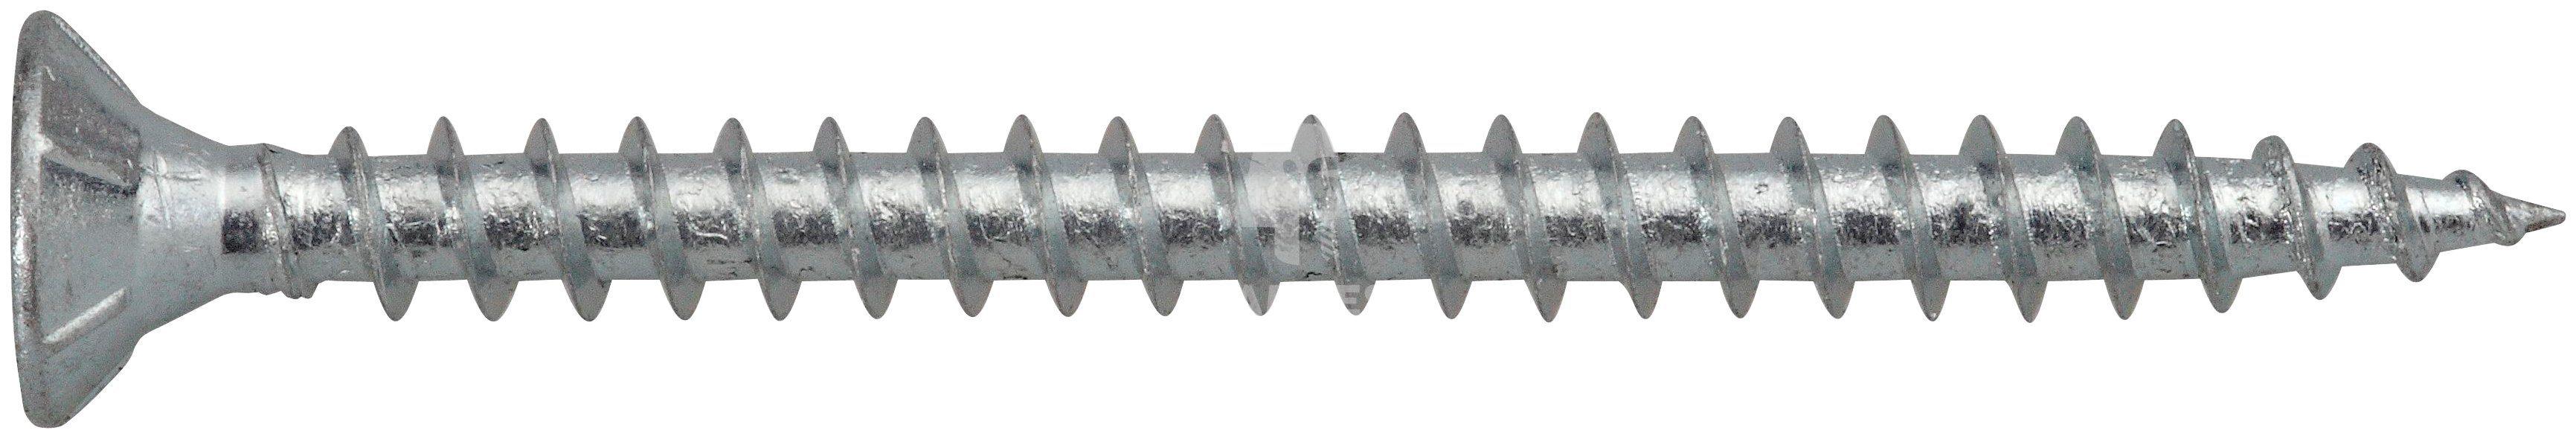 RAMSES Schrauben , Spanplattenschraube 4 x 45 mm 500 Stk.